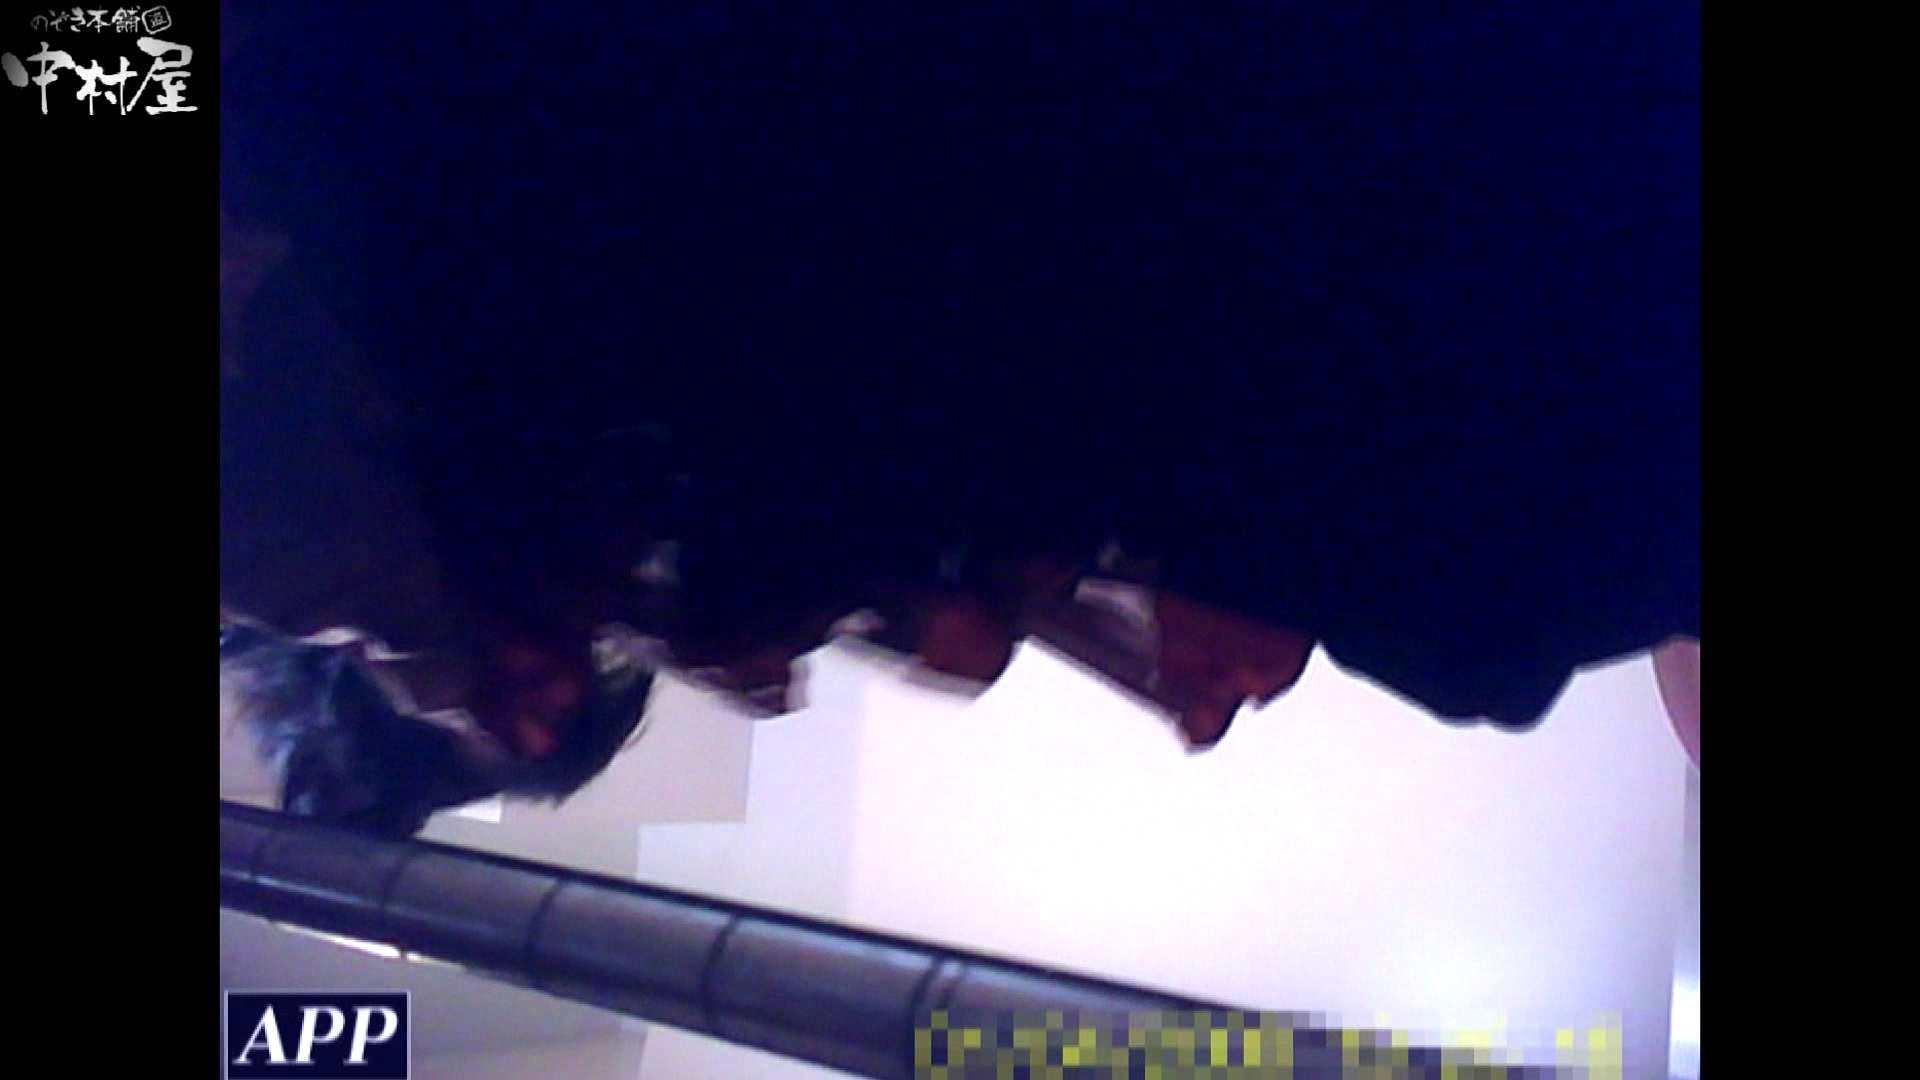 三つ目で盗撮 vol.38 モロだしオマンコ おめこ無修正動画無料 106pic 34